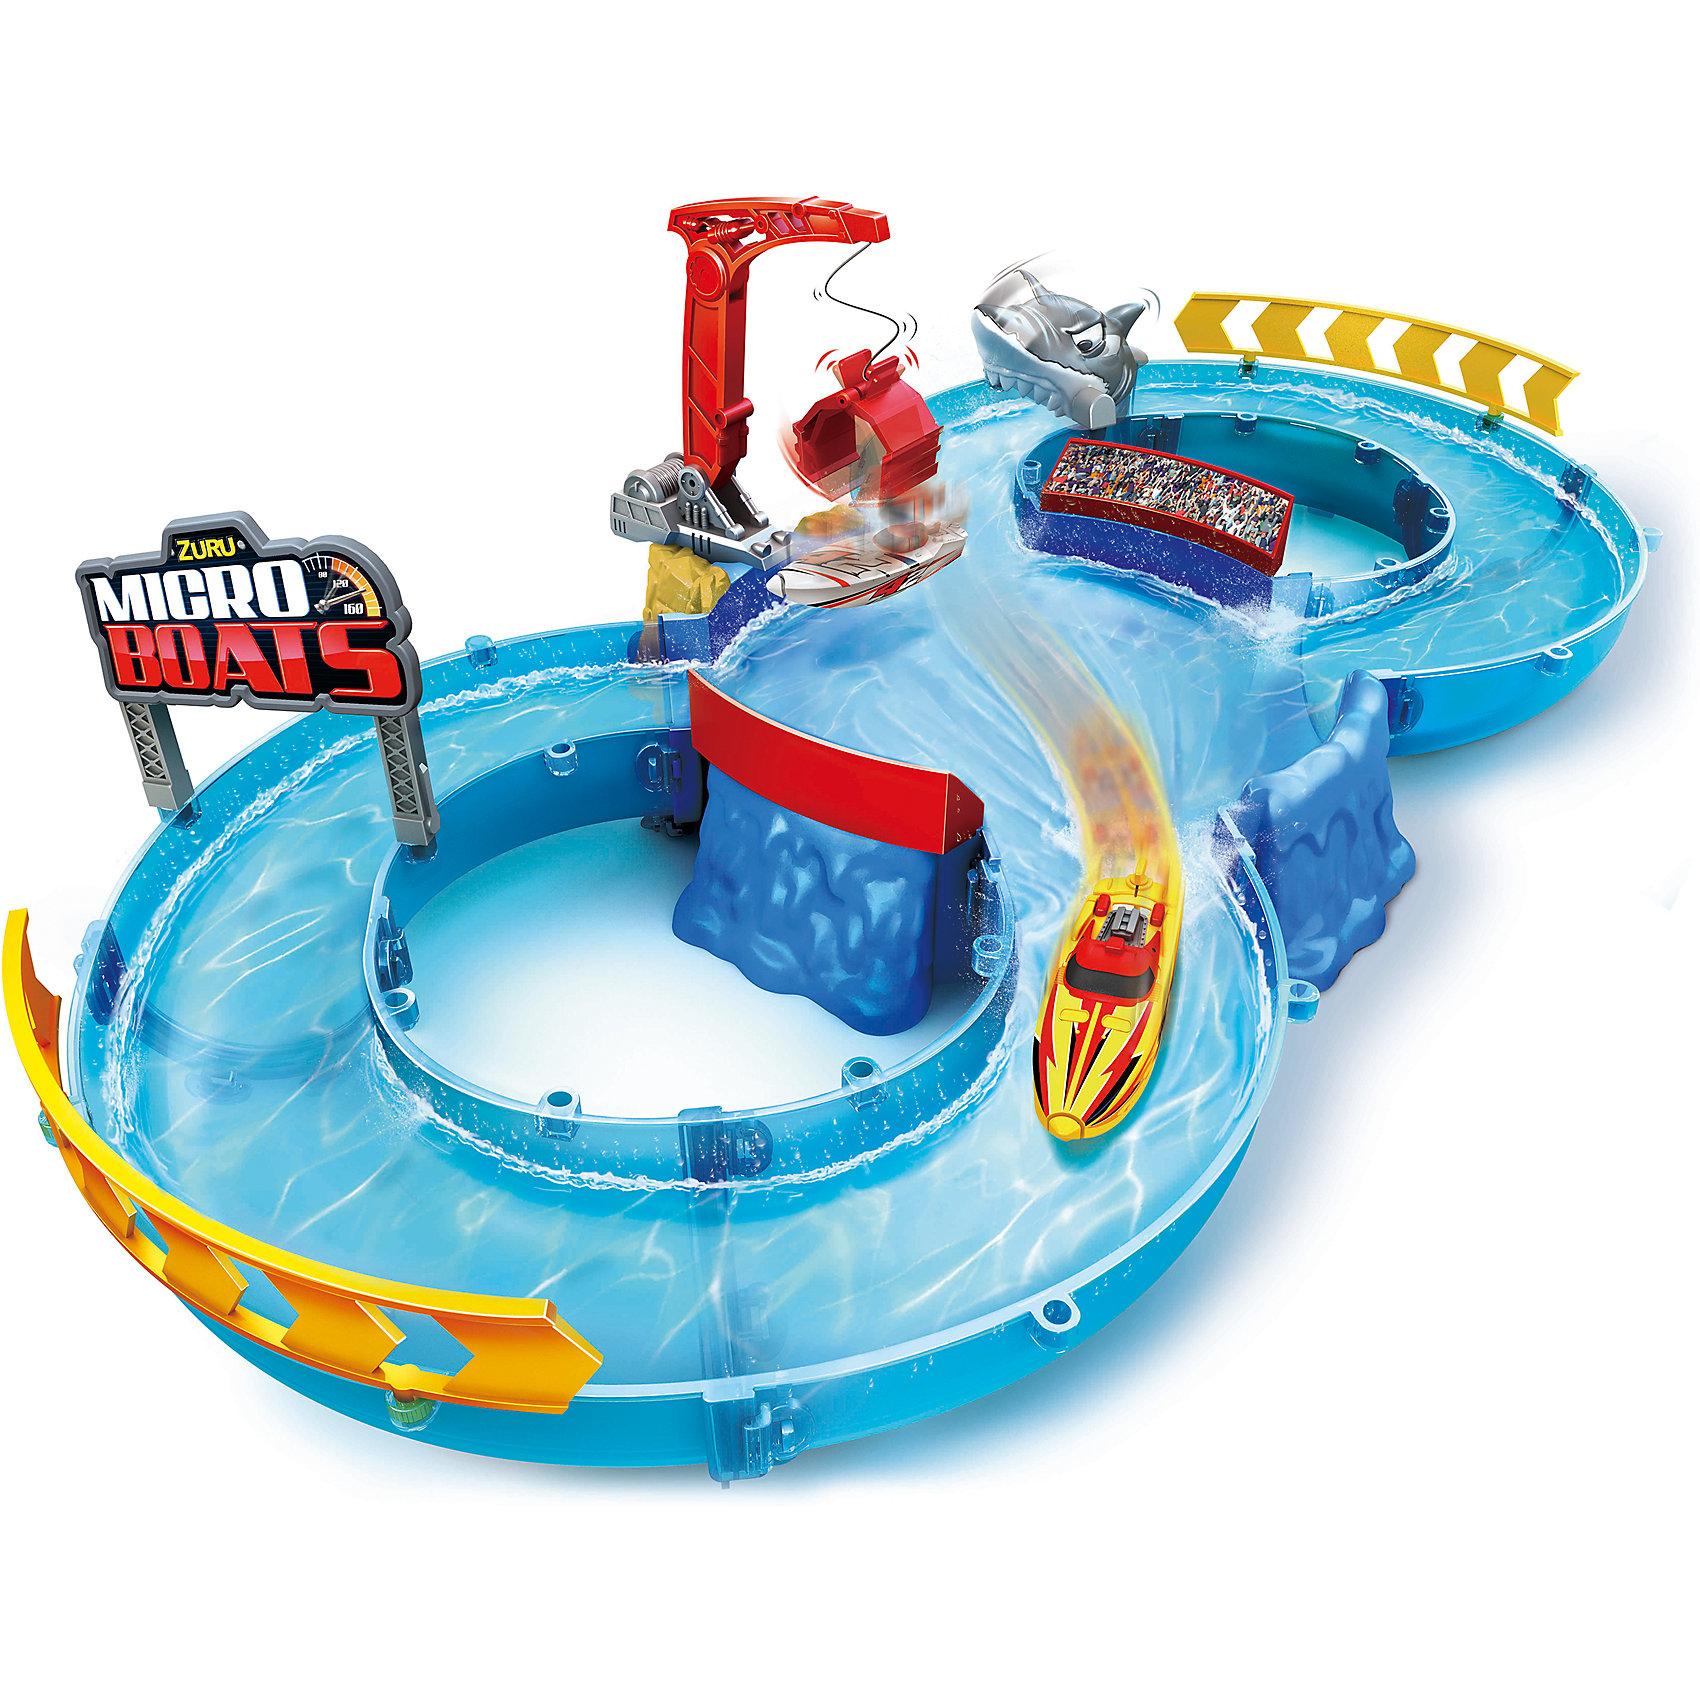 Набор Роболодка с треком, MICROBOATS, ZuruЗаводные игрушки<br>Характеристики товара:<br><br>• возраст от 3 лет<br>• материал: пластик<br>• в комплекте: лодка, трек, подъемник для лодок, акула<br>• размер роболодки: 7.5 см<br>• тип батареек: 2 х AG13 / LR44 (миниатюрные)<br>• наличие батареек: входят в комплект<br>• размер упаковки 35х60х8 см<br>• вес упаковки 960 г.<br>• страна бренда: Новая Зеландия<br>• страна производитель: Китай<br><br>Набор «Роболодка с треком» Microboats Zuru — увлекательная игрушка, которая позволит устроить захватывающие гонки на воде. Специальным подъемником лодка поднимается на трек и спускается на воду. При соприкосновении с водой срабатывает сенсорный датчик, и лодочка начинает плыть. Она может плавать в 4 направлениях, а при встрече с препятствием плывет назад. На трассе лодку ждет опасная акула, которая хочет поймать ее.  <br><br>Игрушка изготовлена из качественного безопасного пластика с использованием нетоксичных красителей. Работает от 2 батареек LR44 (в комплекте).<br><br>Набор «Роболодка с треком» Microboats Zuru можно приобрести в нашем интернет-магазине.<br><br>Ширина мм: 800<br>Глубина мм: 600<br>Высота мм: 350<br>Вес г: 960<br>Возраст от месяцев: 36<br>Возраст до месяцев: 2147483647<br>Пол: Унисекс<br>Возраст: Детский<br>SKU: 5528475